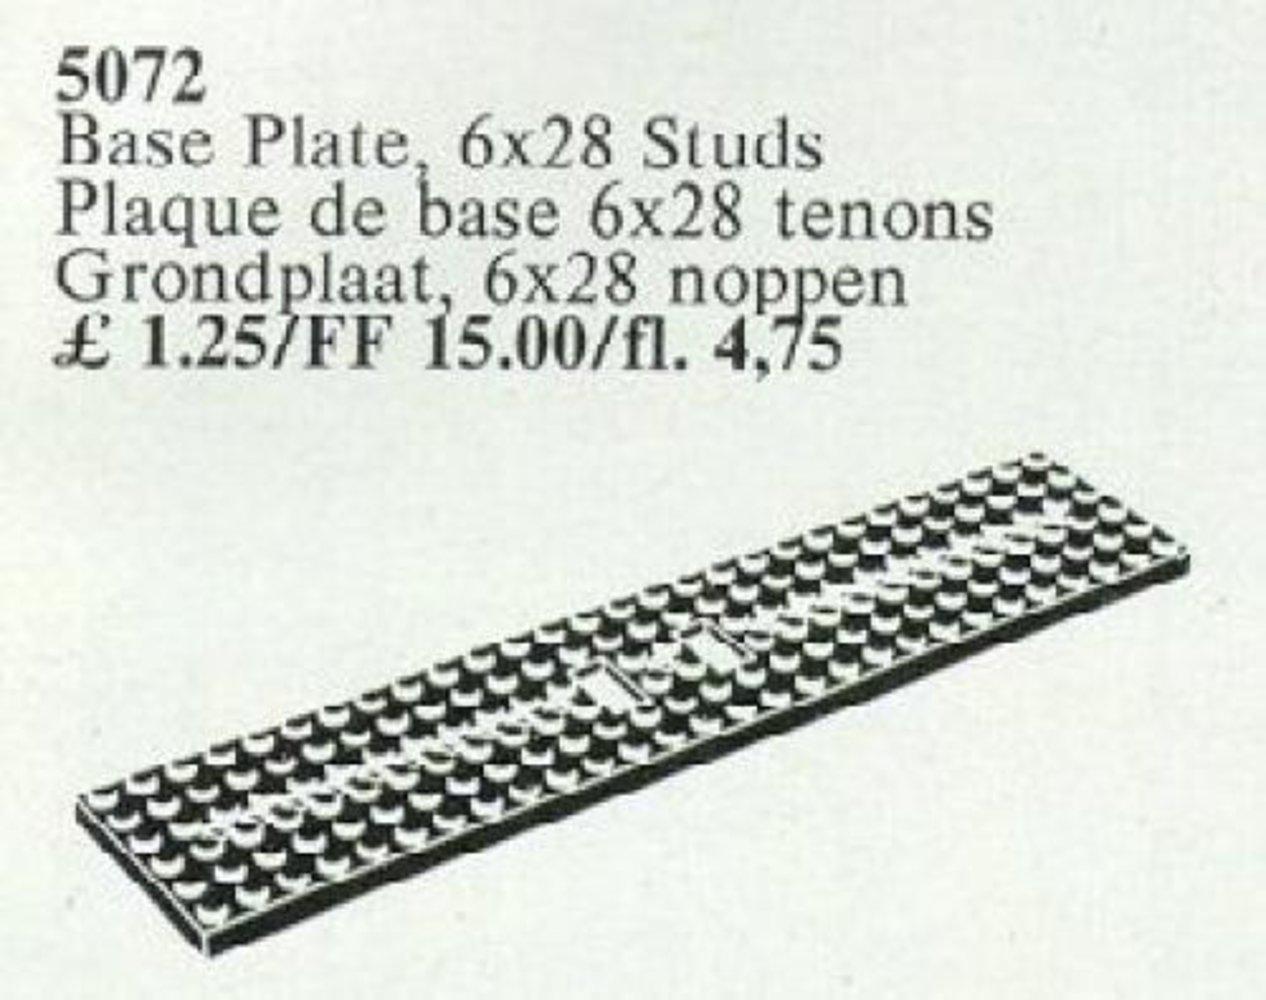 Wagonplate, 6 x 28 Studs